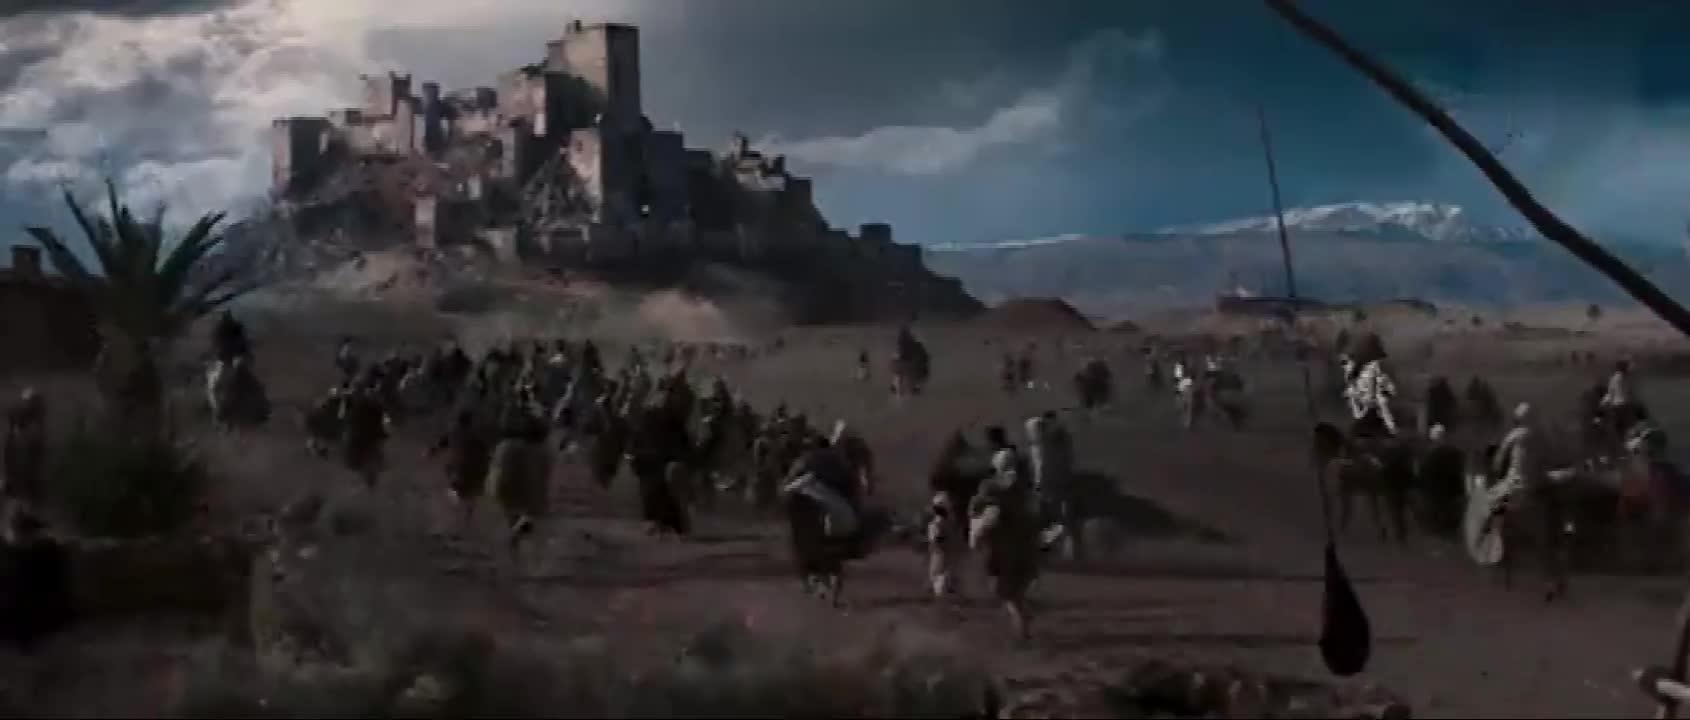 #经典看电影#天国王朝  一名真正骑士的冲锋